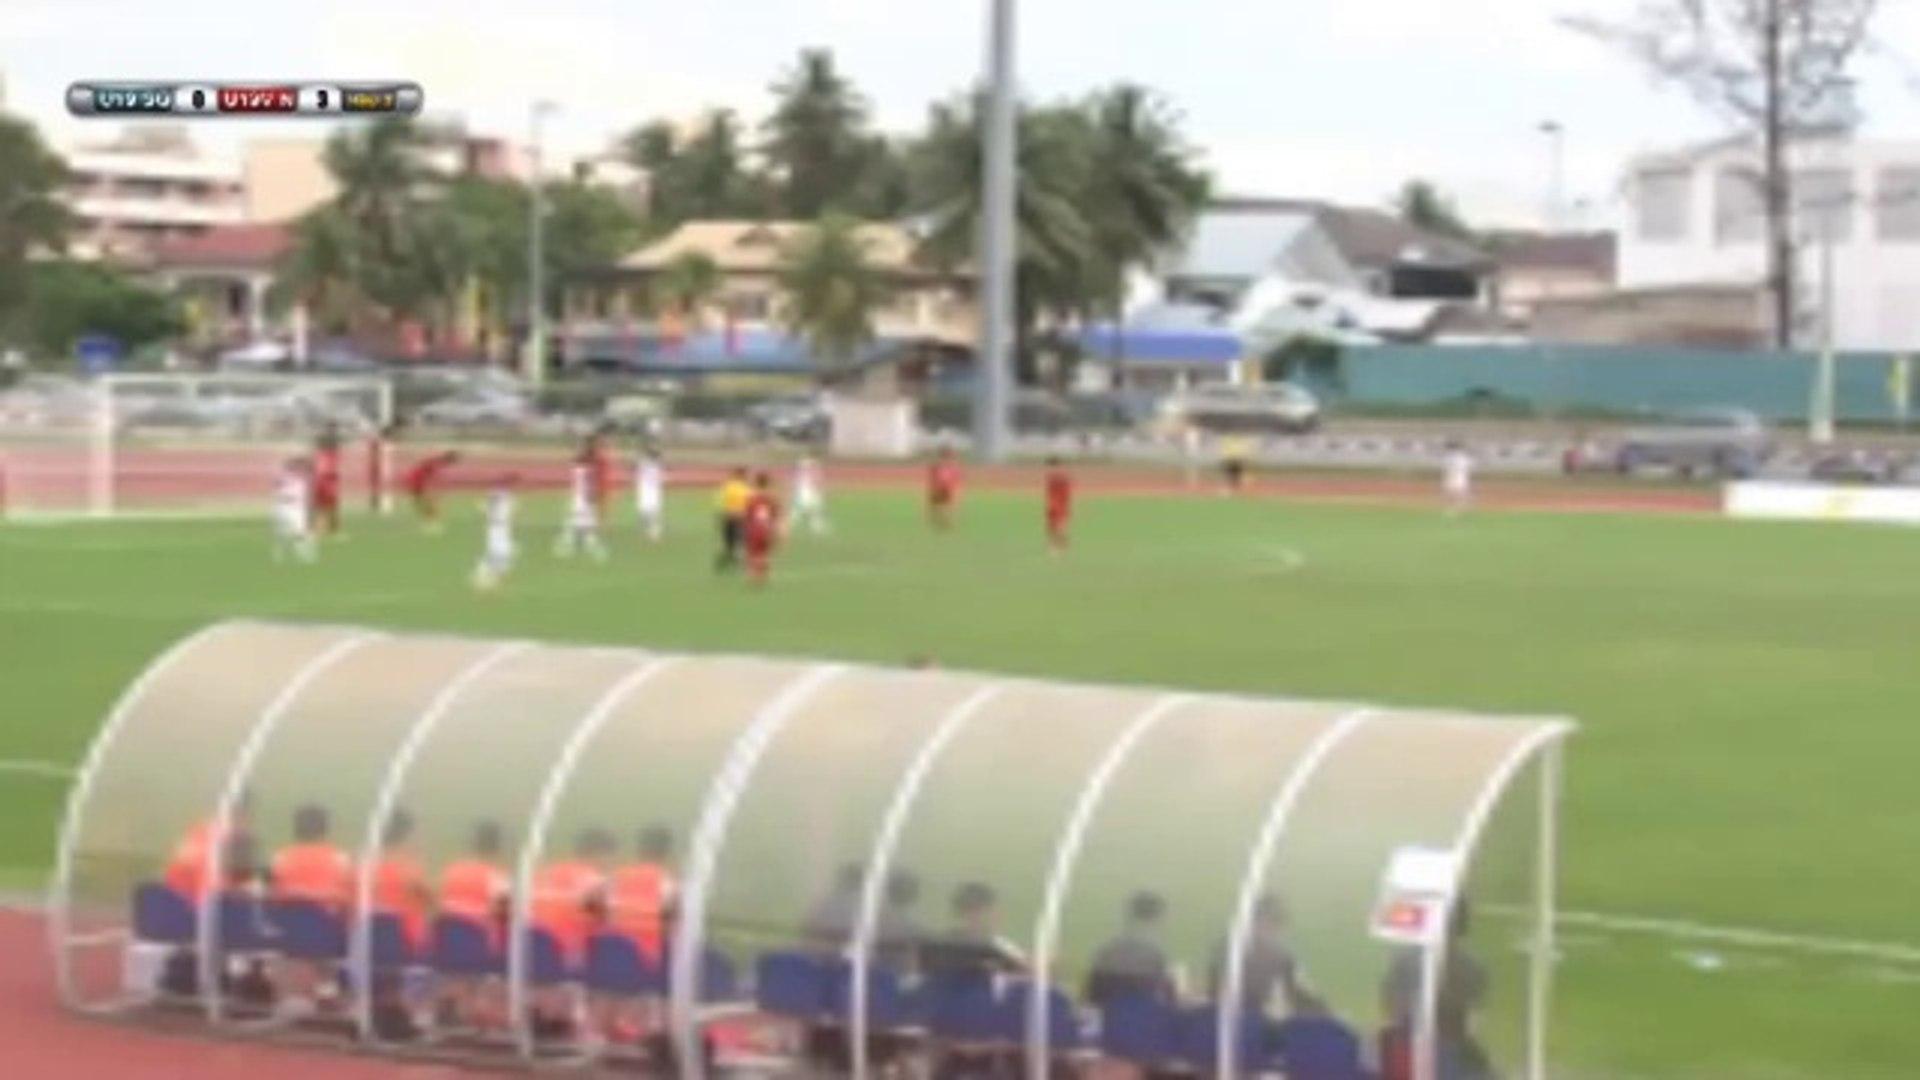 tường thuật trực tiếp U19 Singapore Vs U19 Việt Nam 09/08/2014  - By RealTV.vn